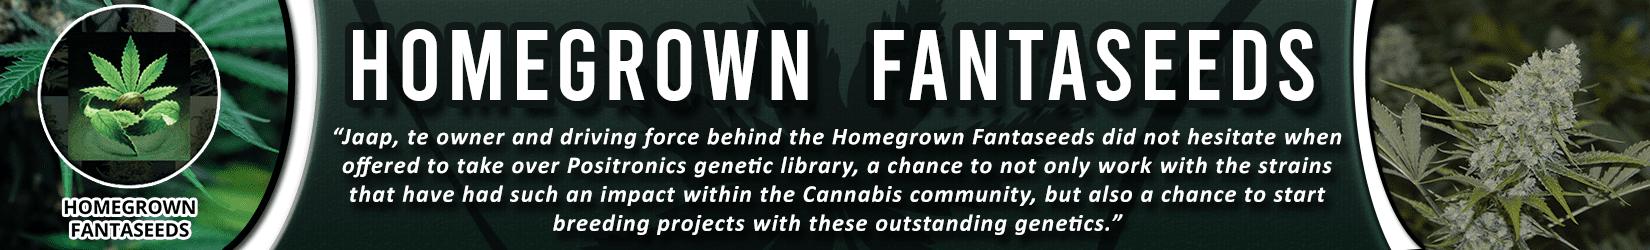 Cannabis Seeds Breeder - Homegrown Fantaseeds